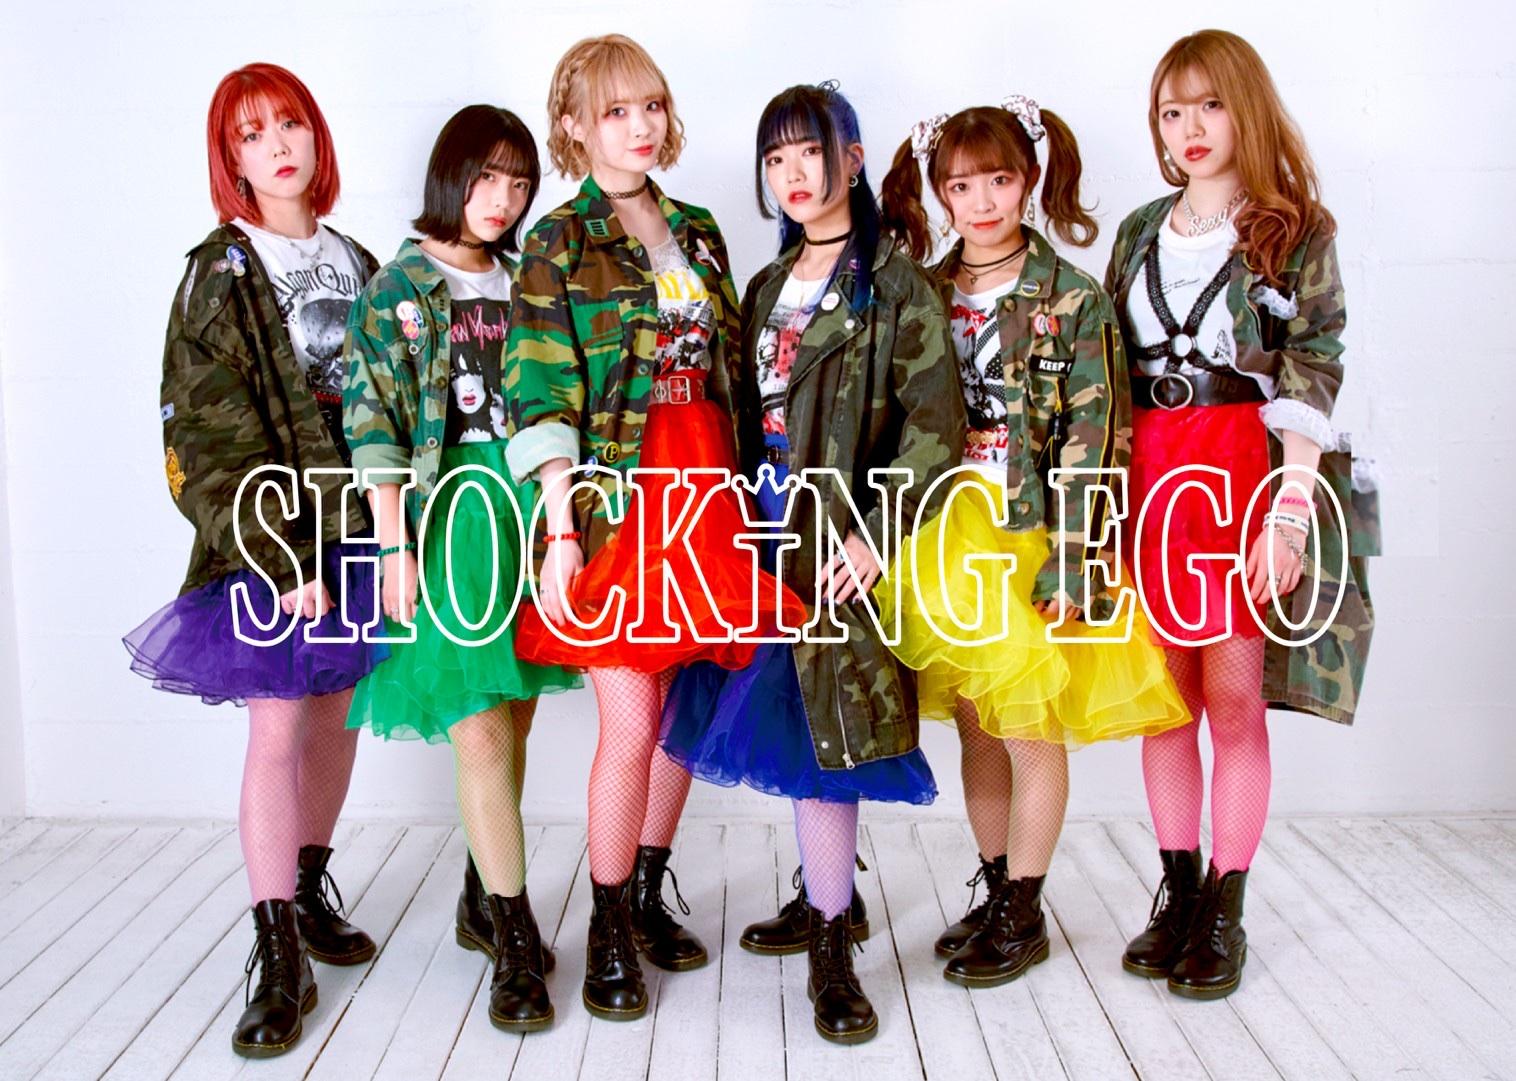 オーディション アイドルグループSHOCKiNG EGO メンバー募集 歌とダンスとお芝居とマルチに活躍したい方を募集します 主催:P×S×N グループ、カテゴリ:アイドル(元気系)